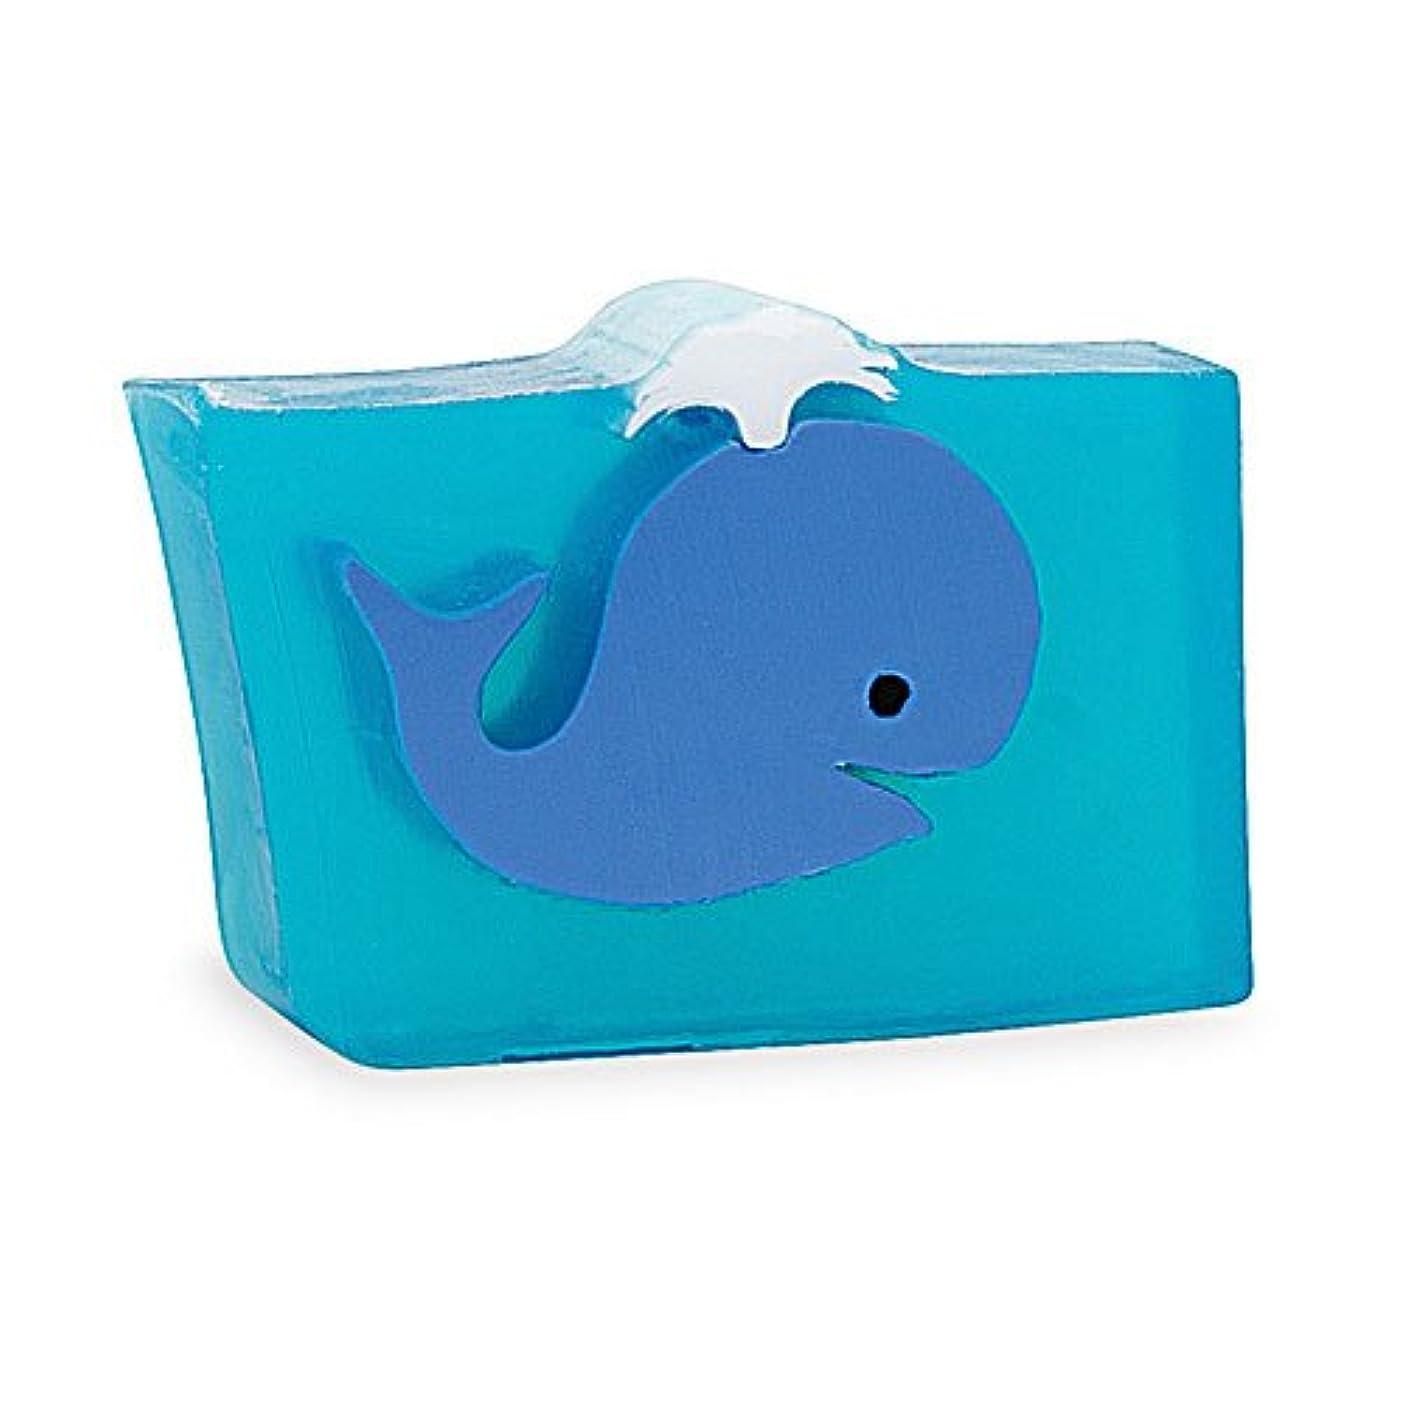 ロック偏見分離プライモールエレメンツ アロマティック ソープ クジラ 180g 植物性 ナチュラル 石鹸 無添加